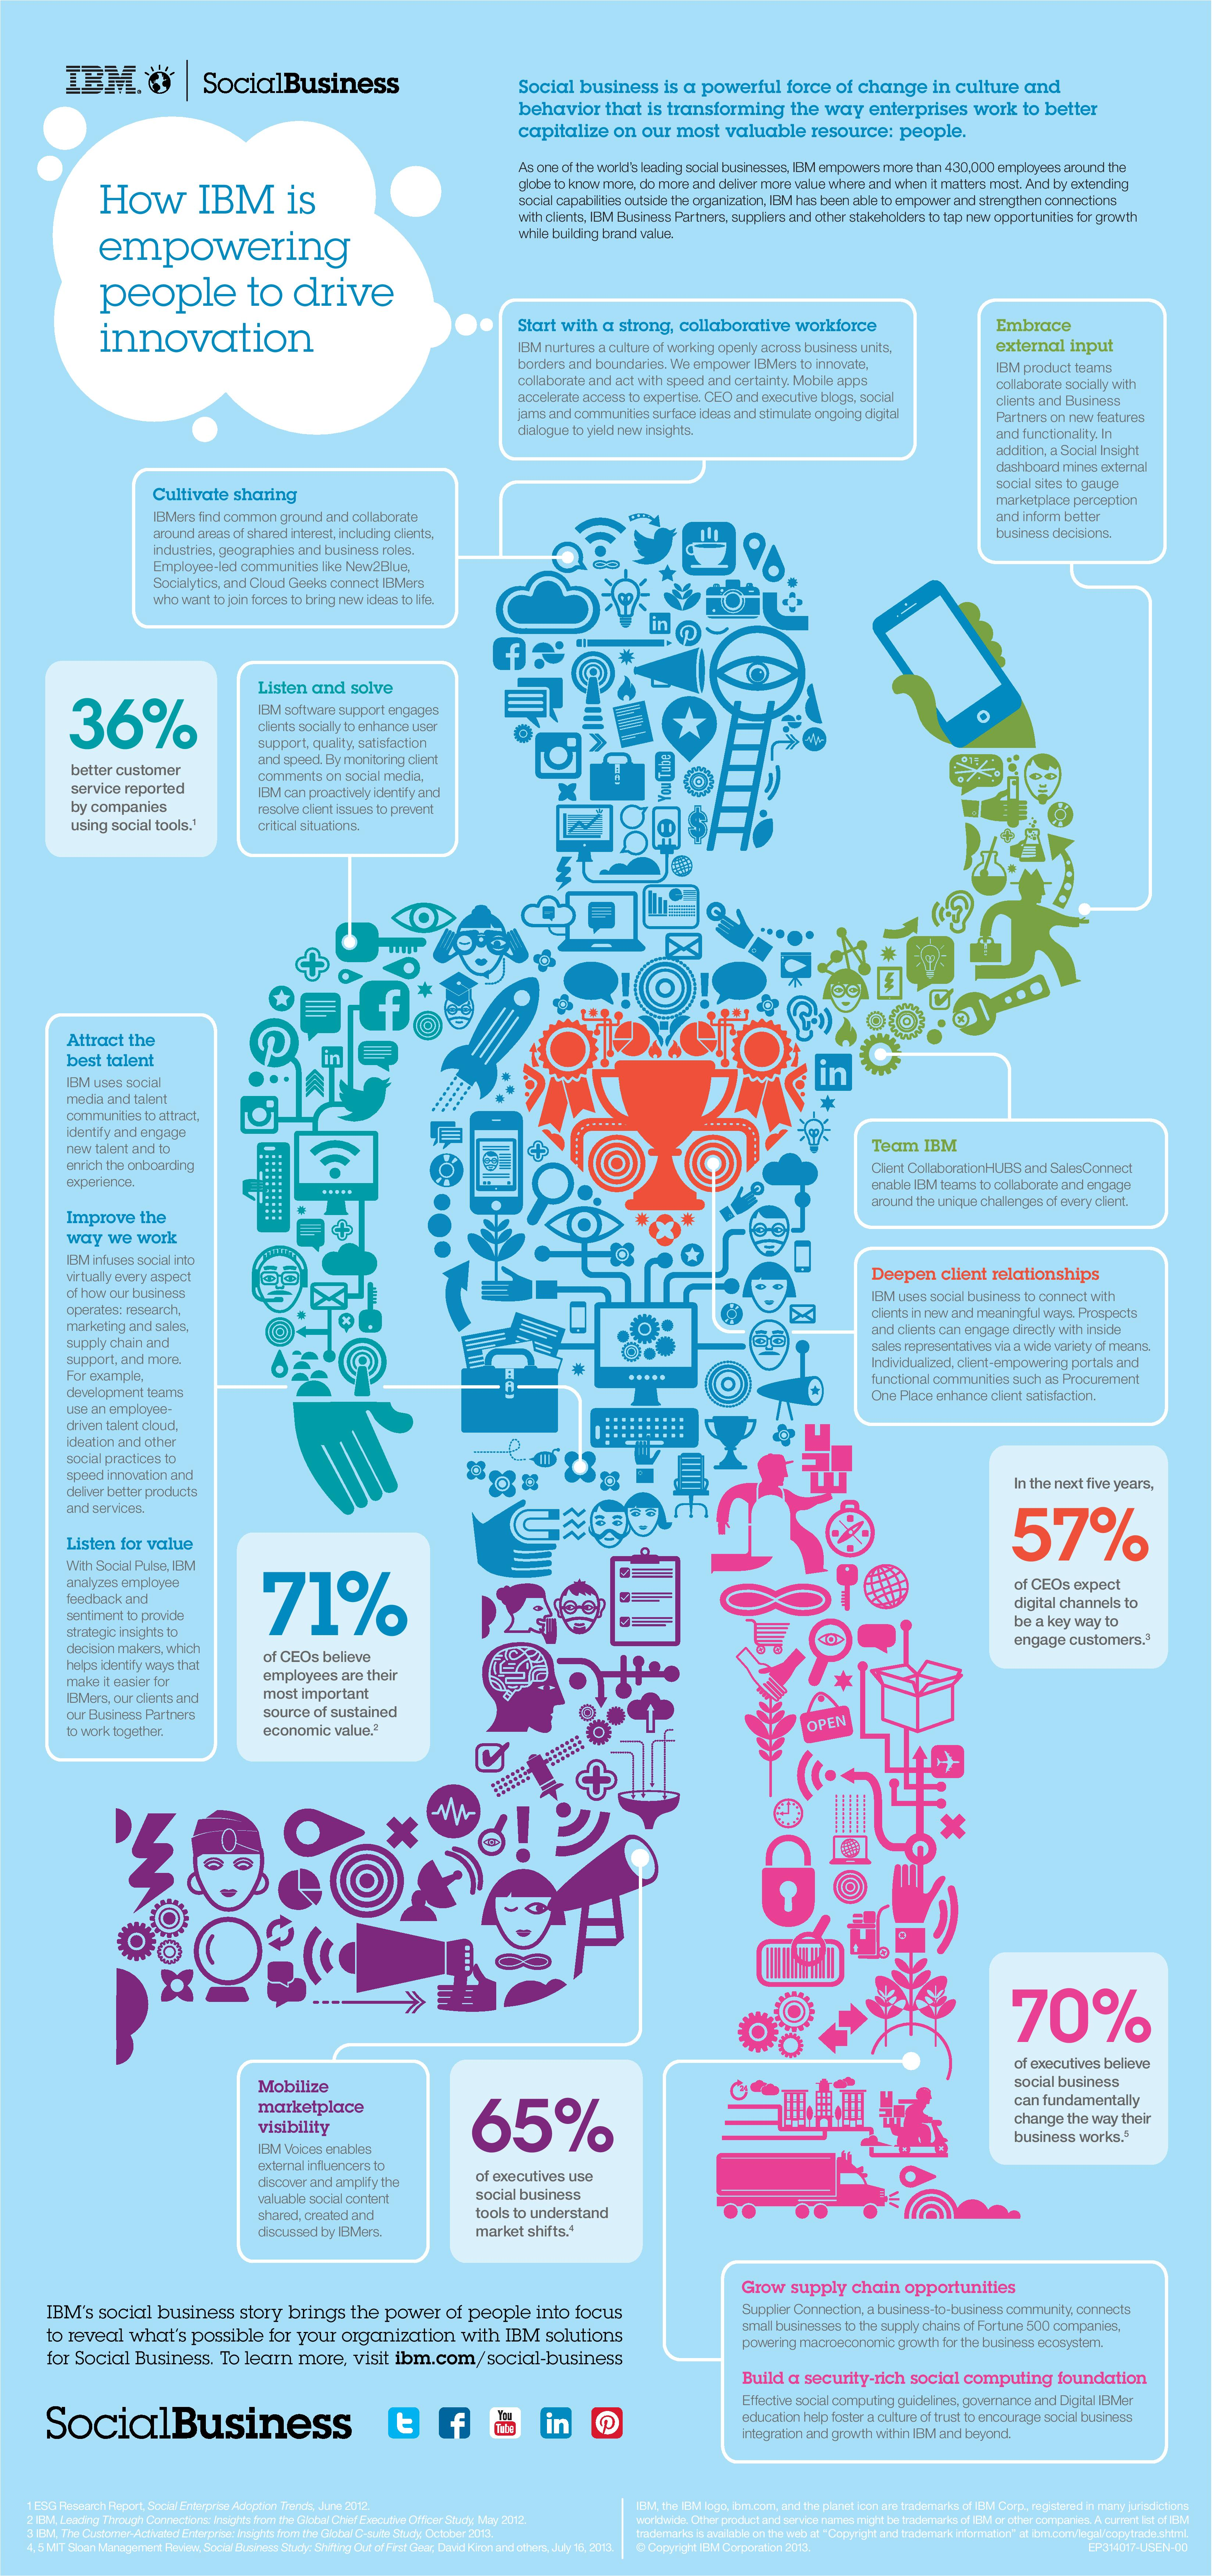 IBM SocialBusiness Infographic Ben Martin